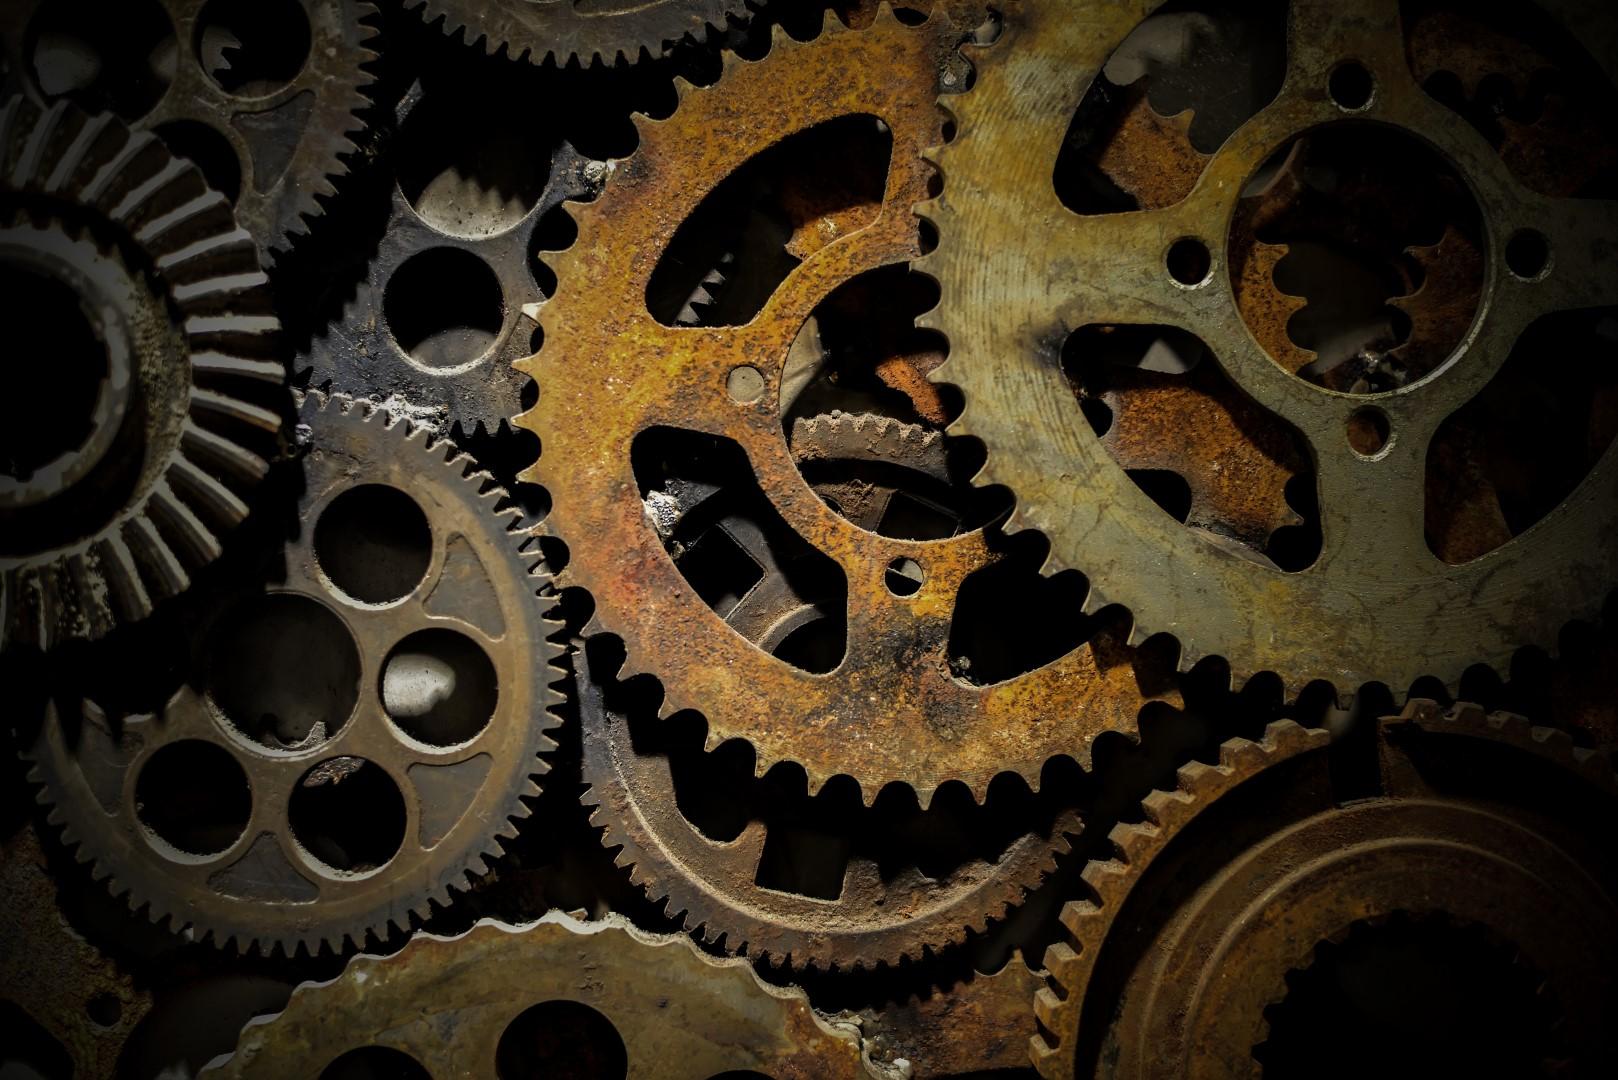 Çanakkale Makine Kırılması Sigortası, Makine Kırılması Sigortası, Aybek Sigorta